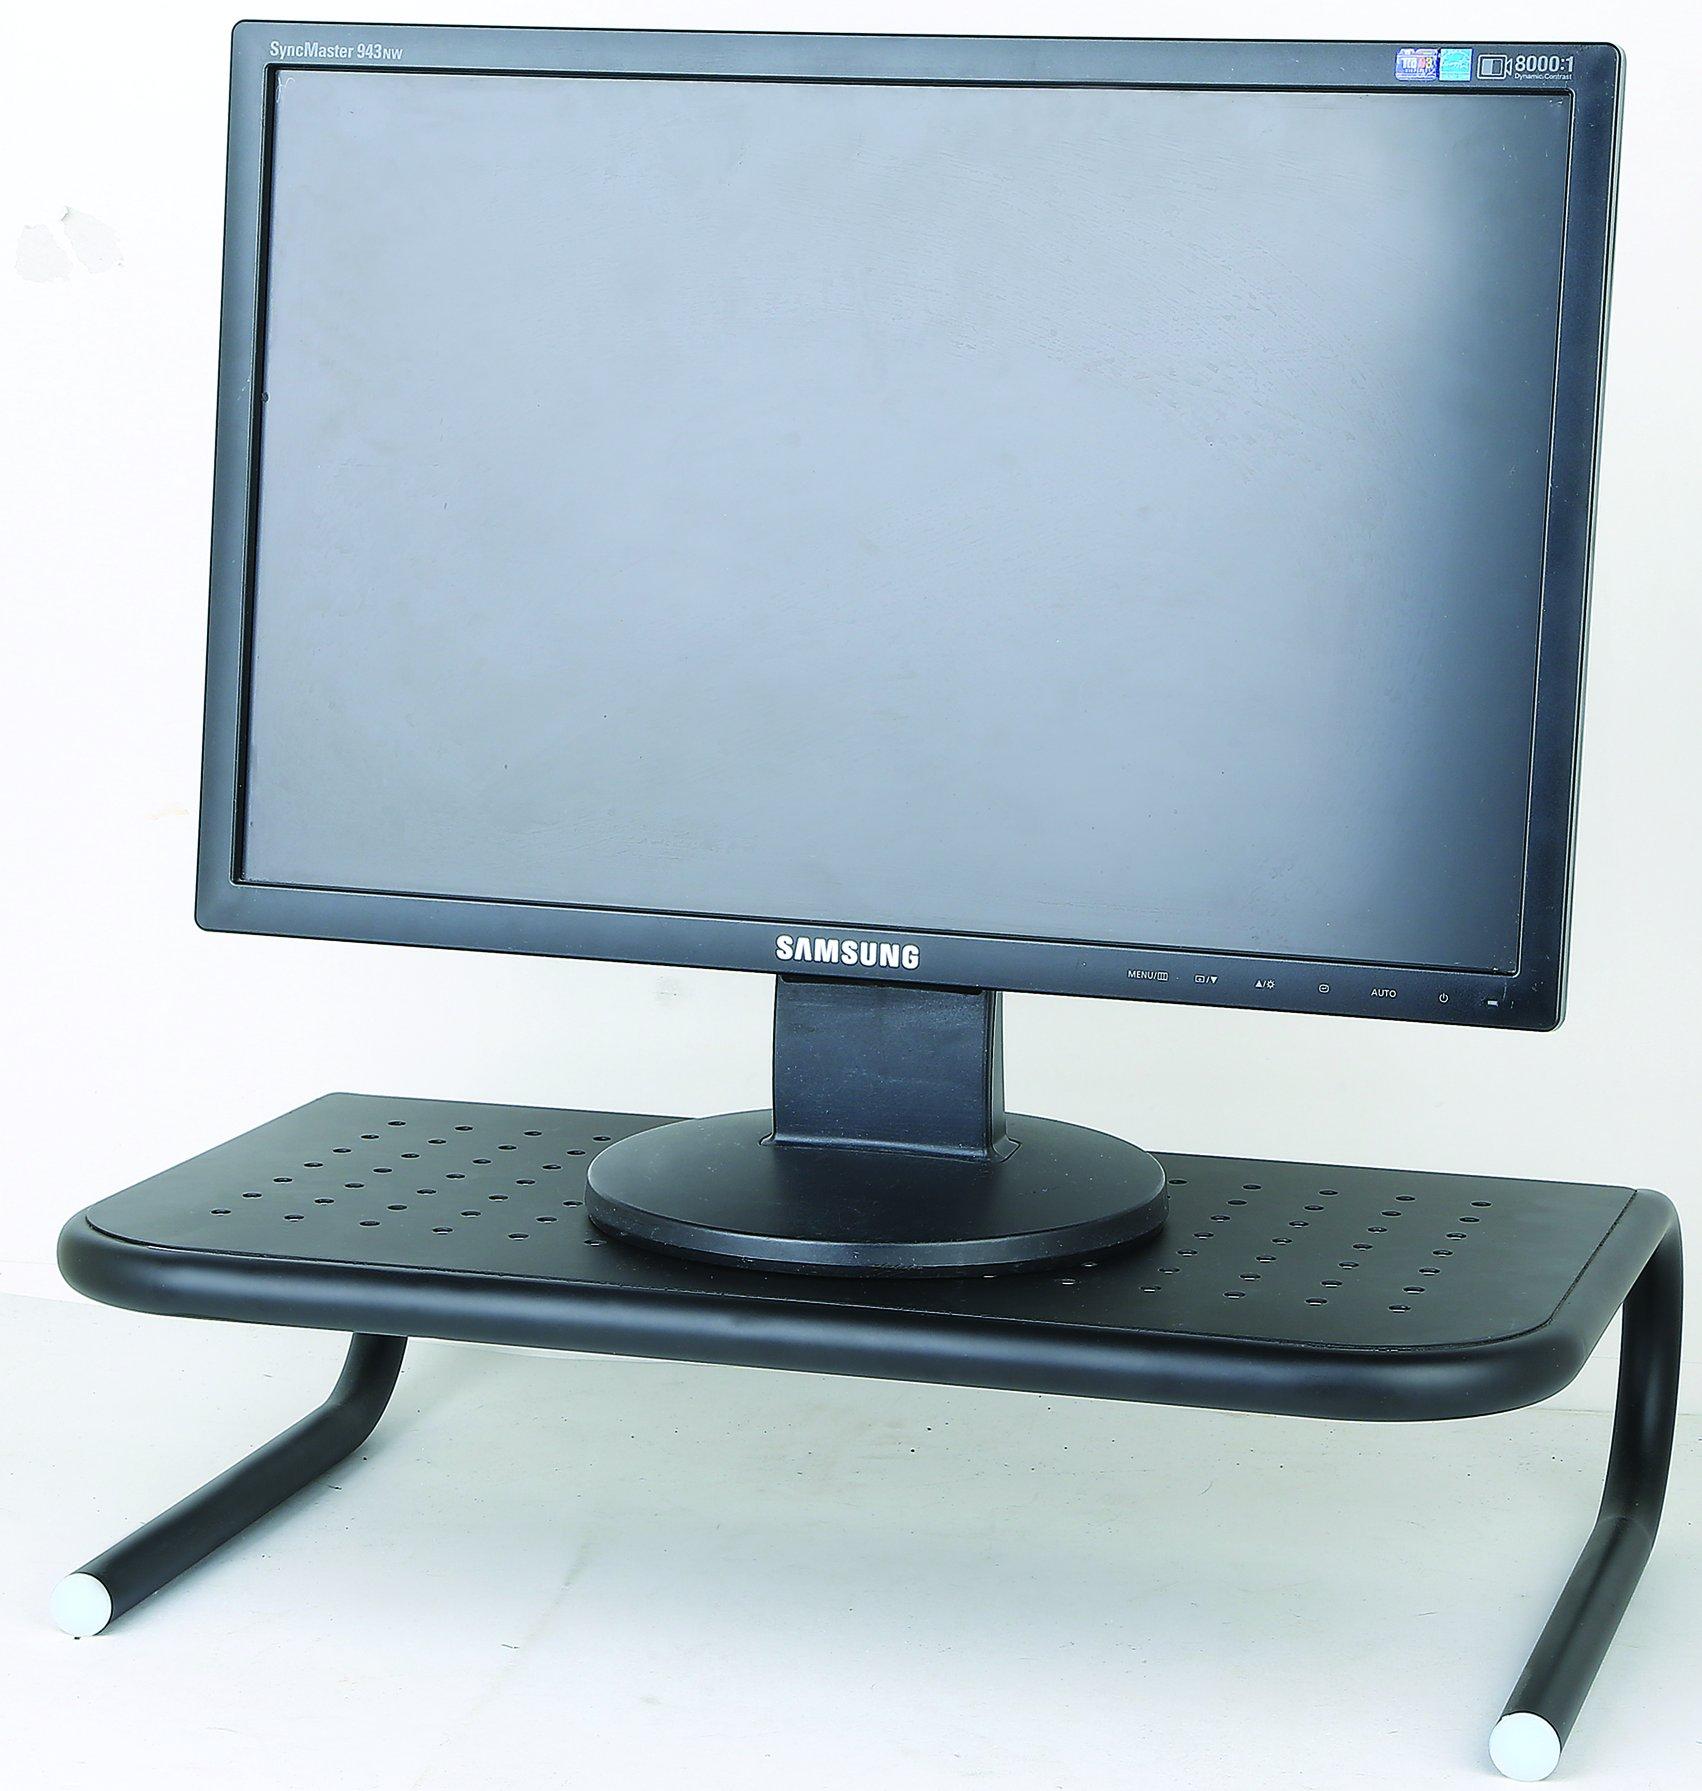 Monitor Riser Stand Computer Laptop Raiser I Printer Shelf for Desk I Desktop Home Office Table Organizer